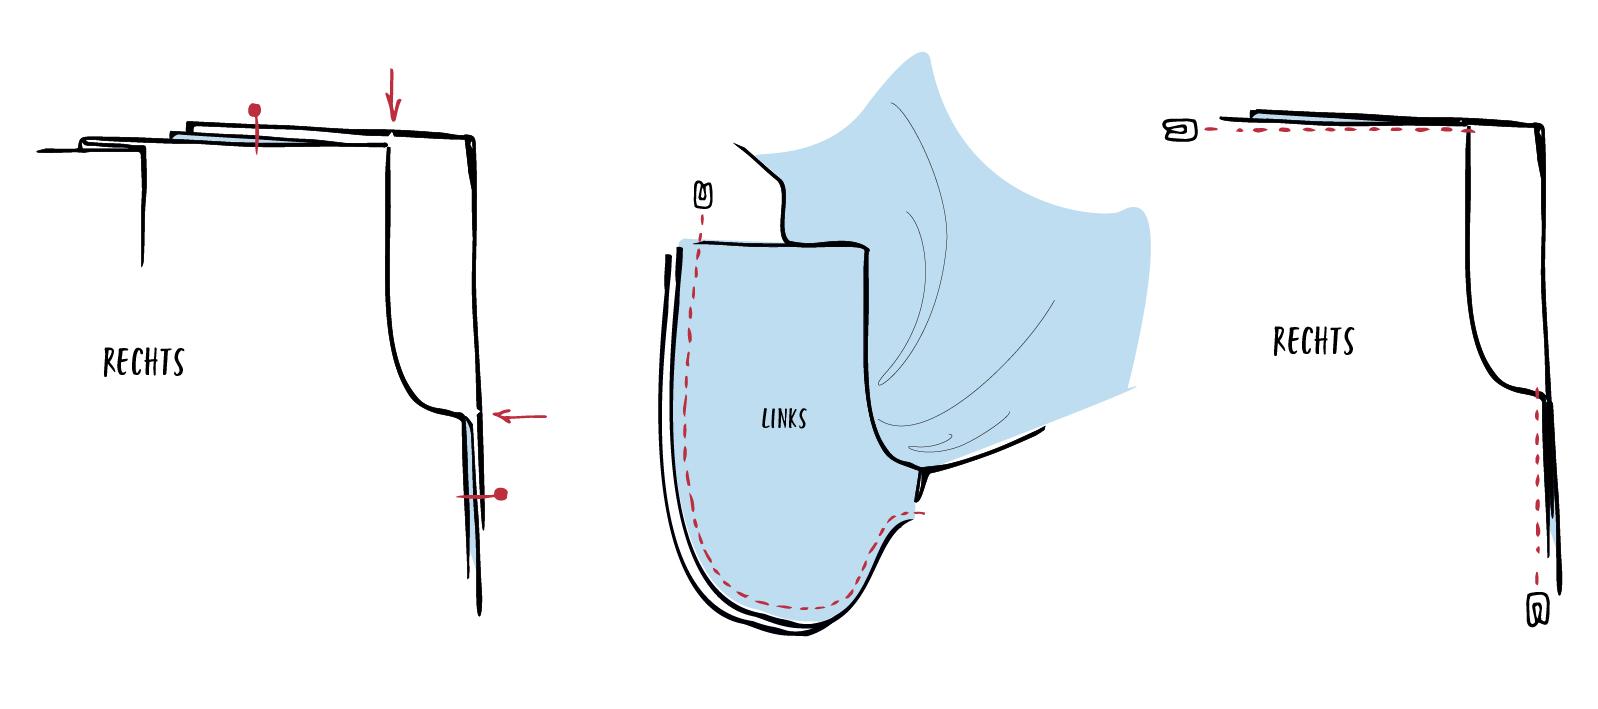 Der hintere Taschenbeutel wird hinterlegt und die Taschenbeutel zusammengenäht